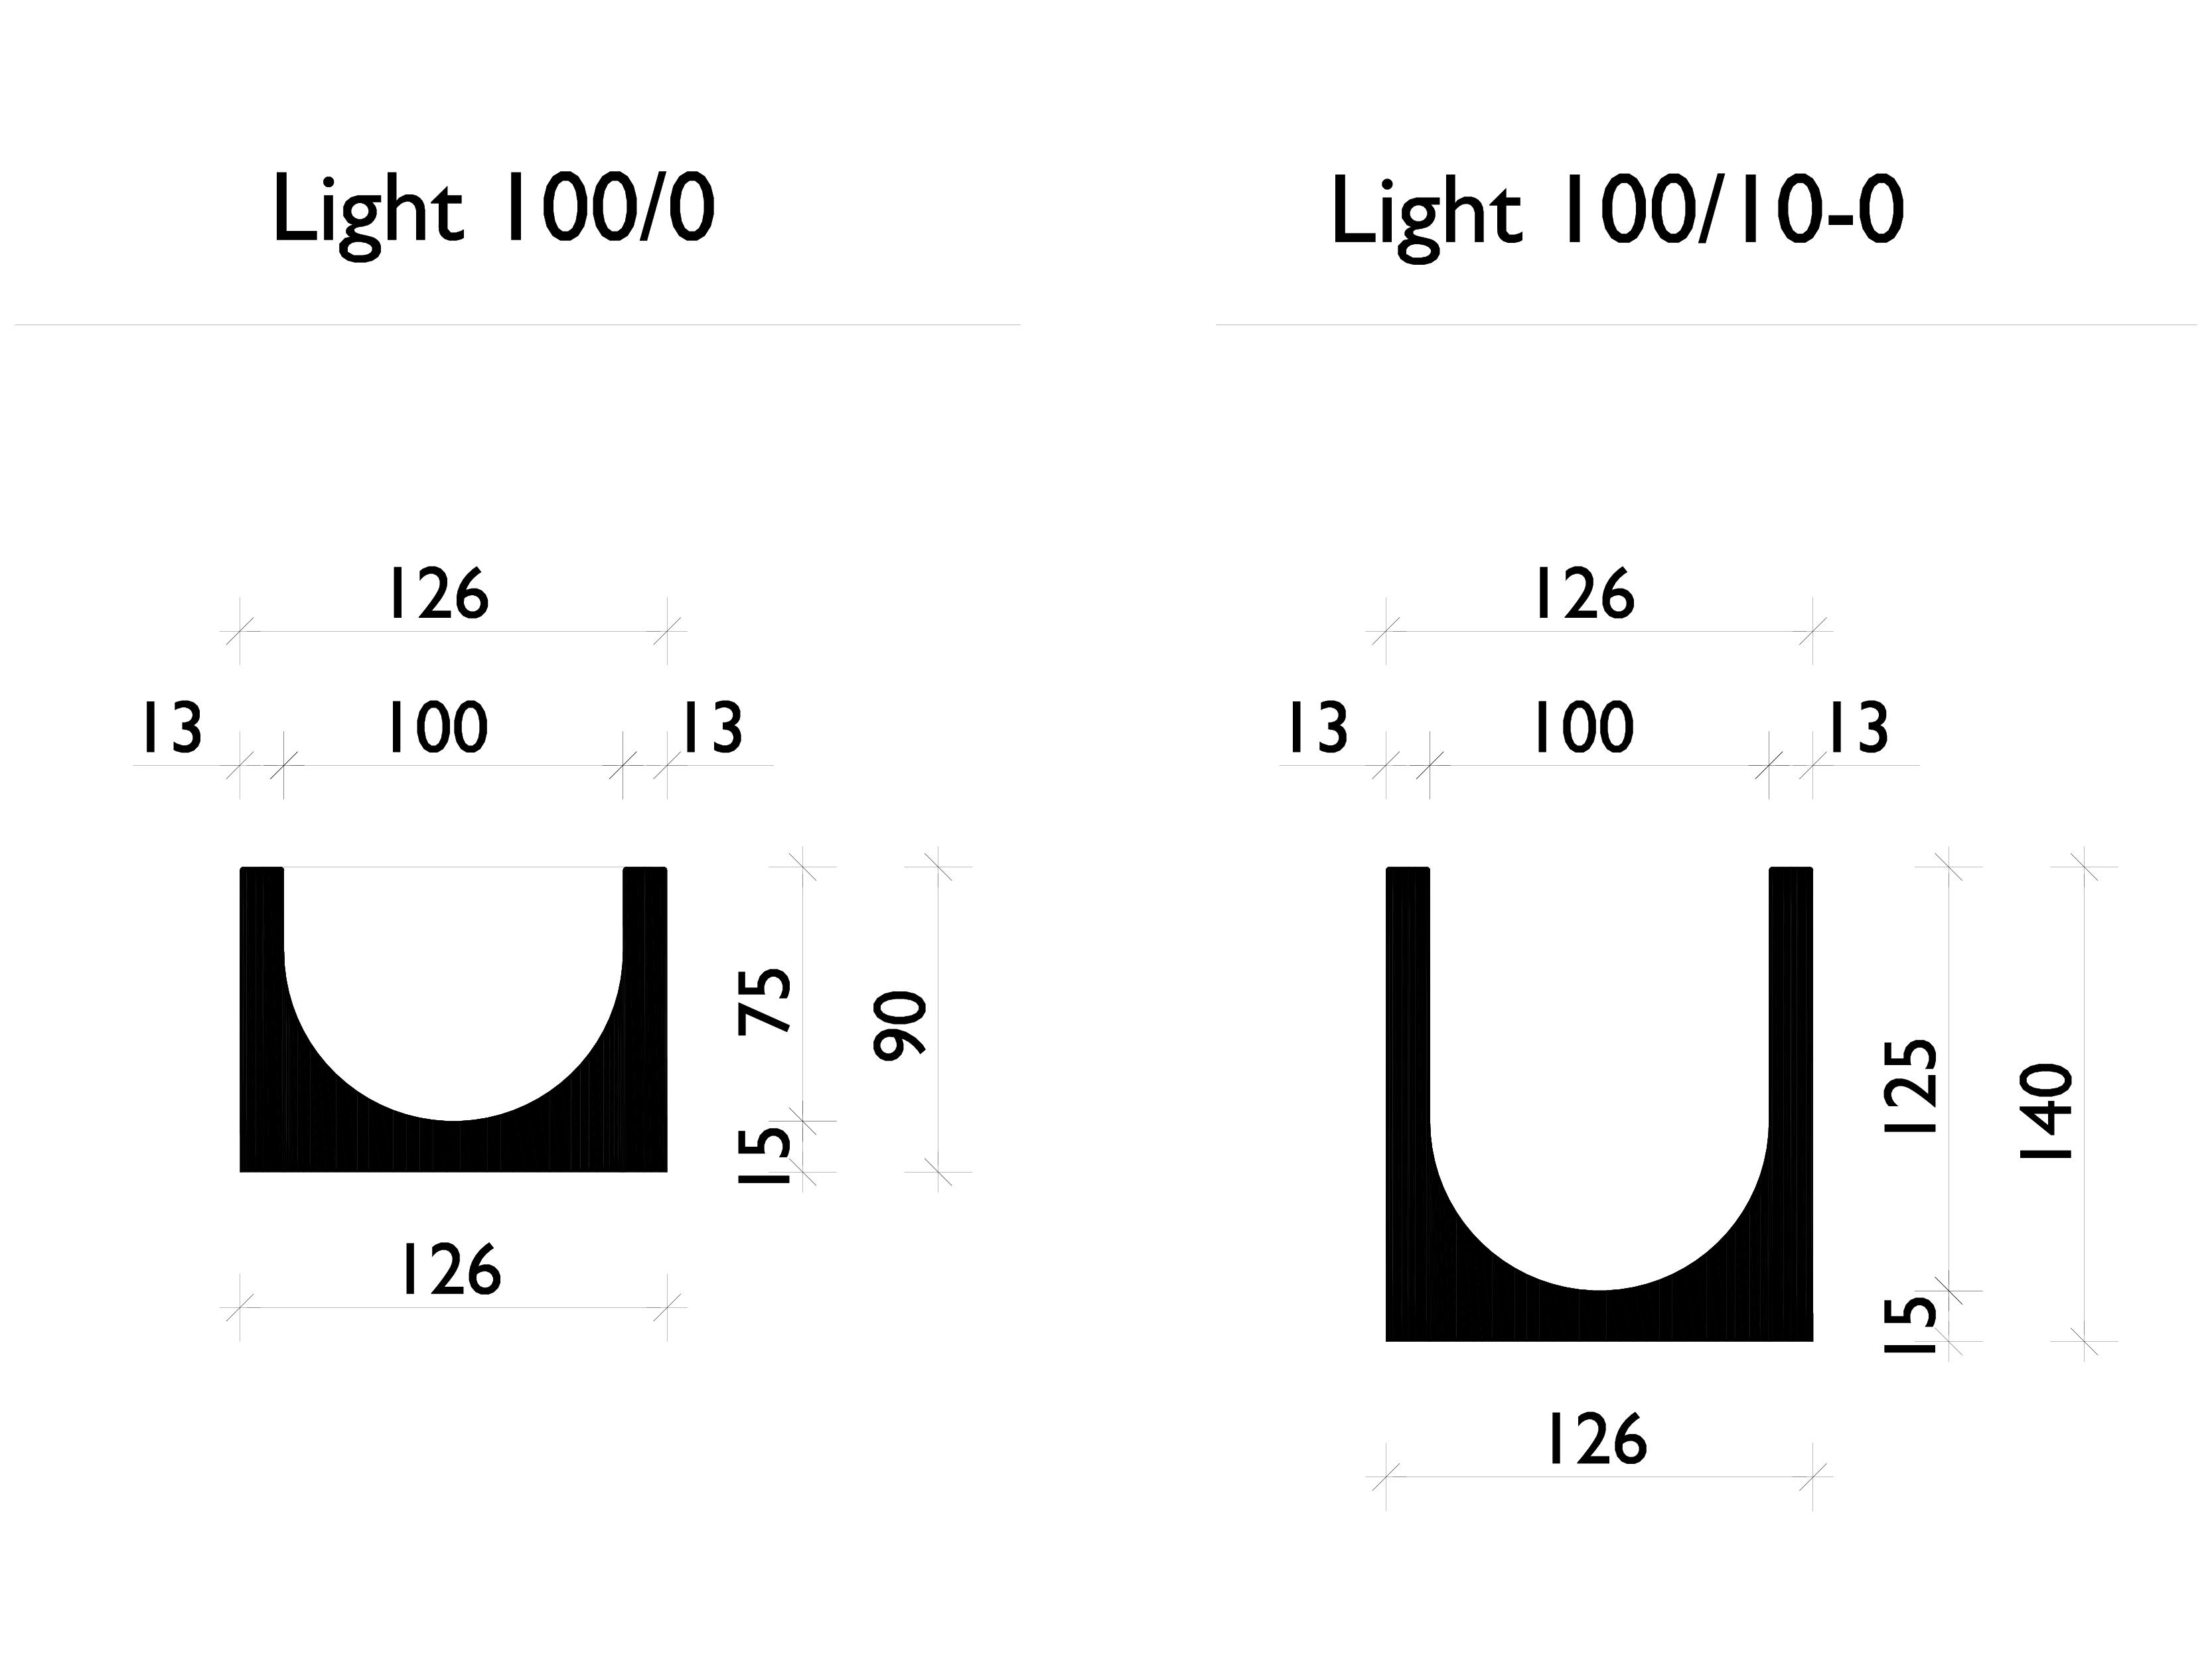 Rigola de trafic auto LIGHT FILCOTEN Filcoten - rigole din beton pentru trafic auto HYDRO BG  - Pagina 1